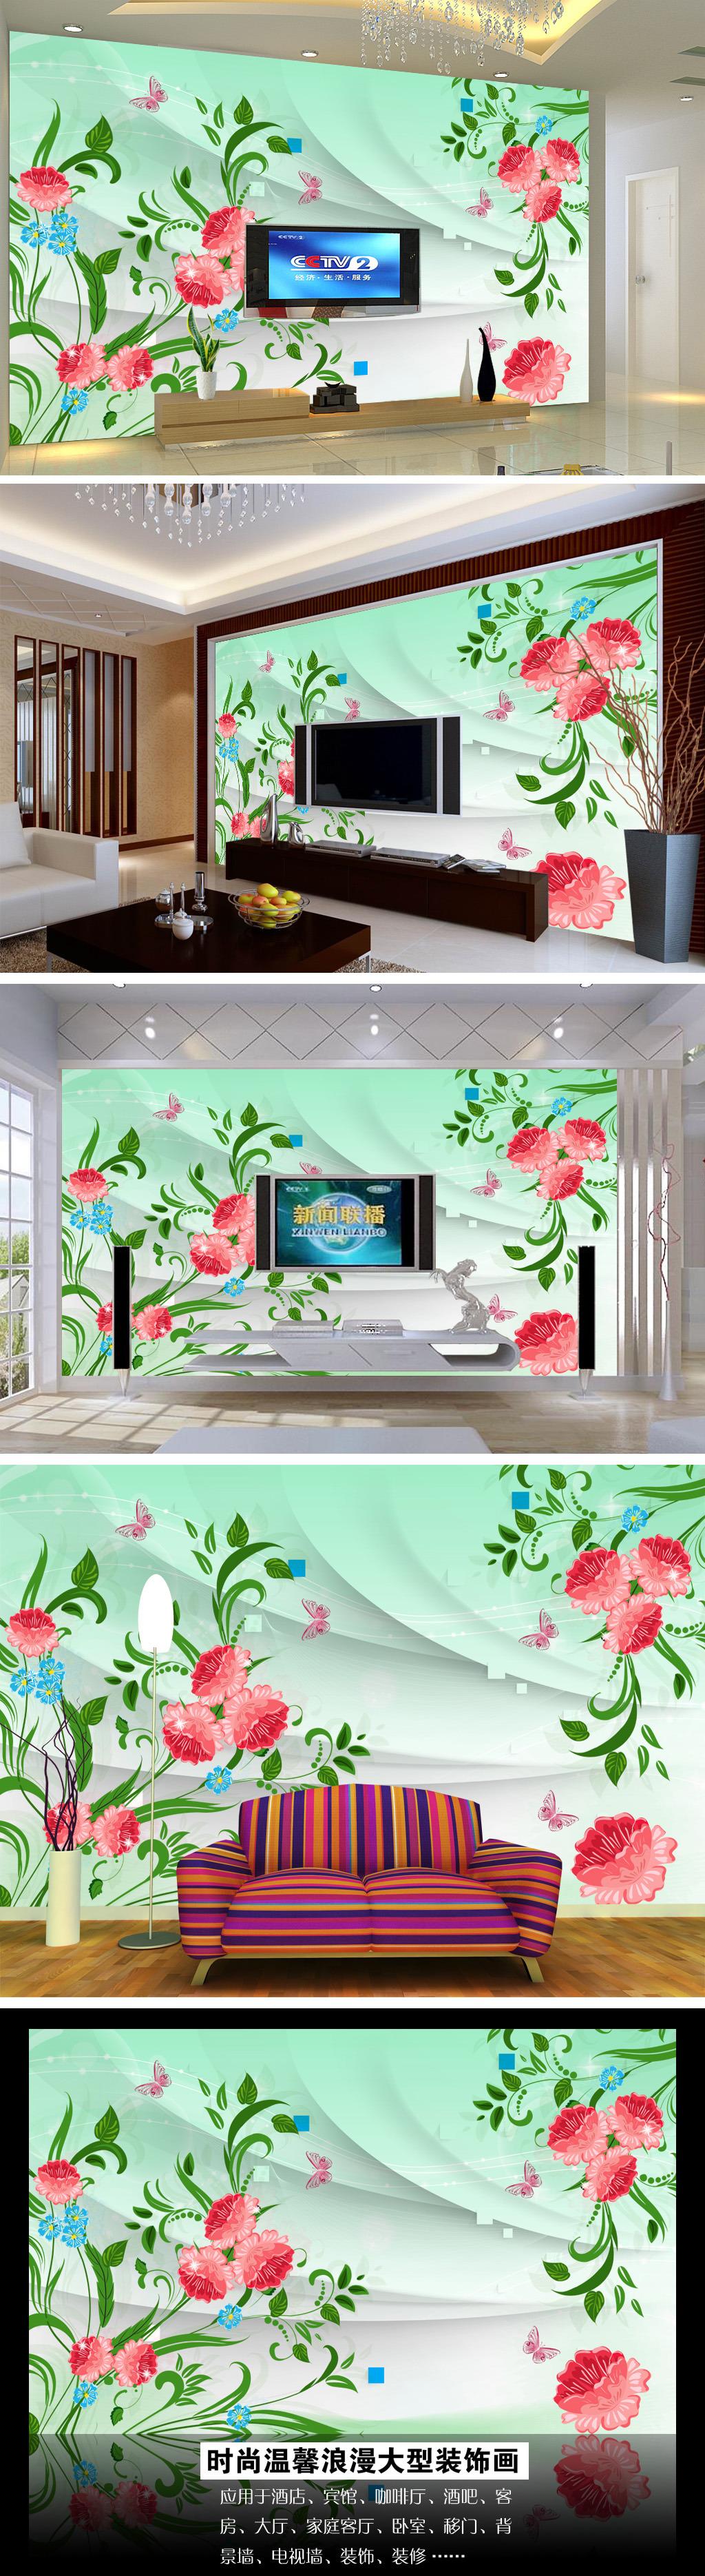 手绘鲜花3d立体电视背景墙